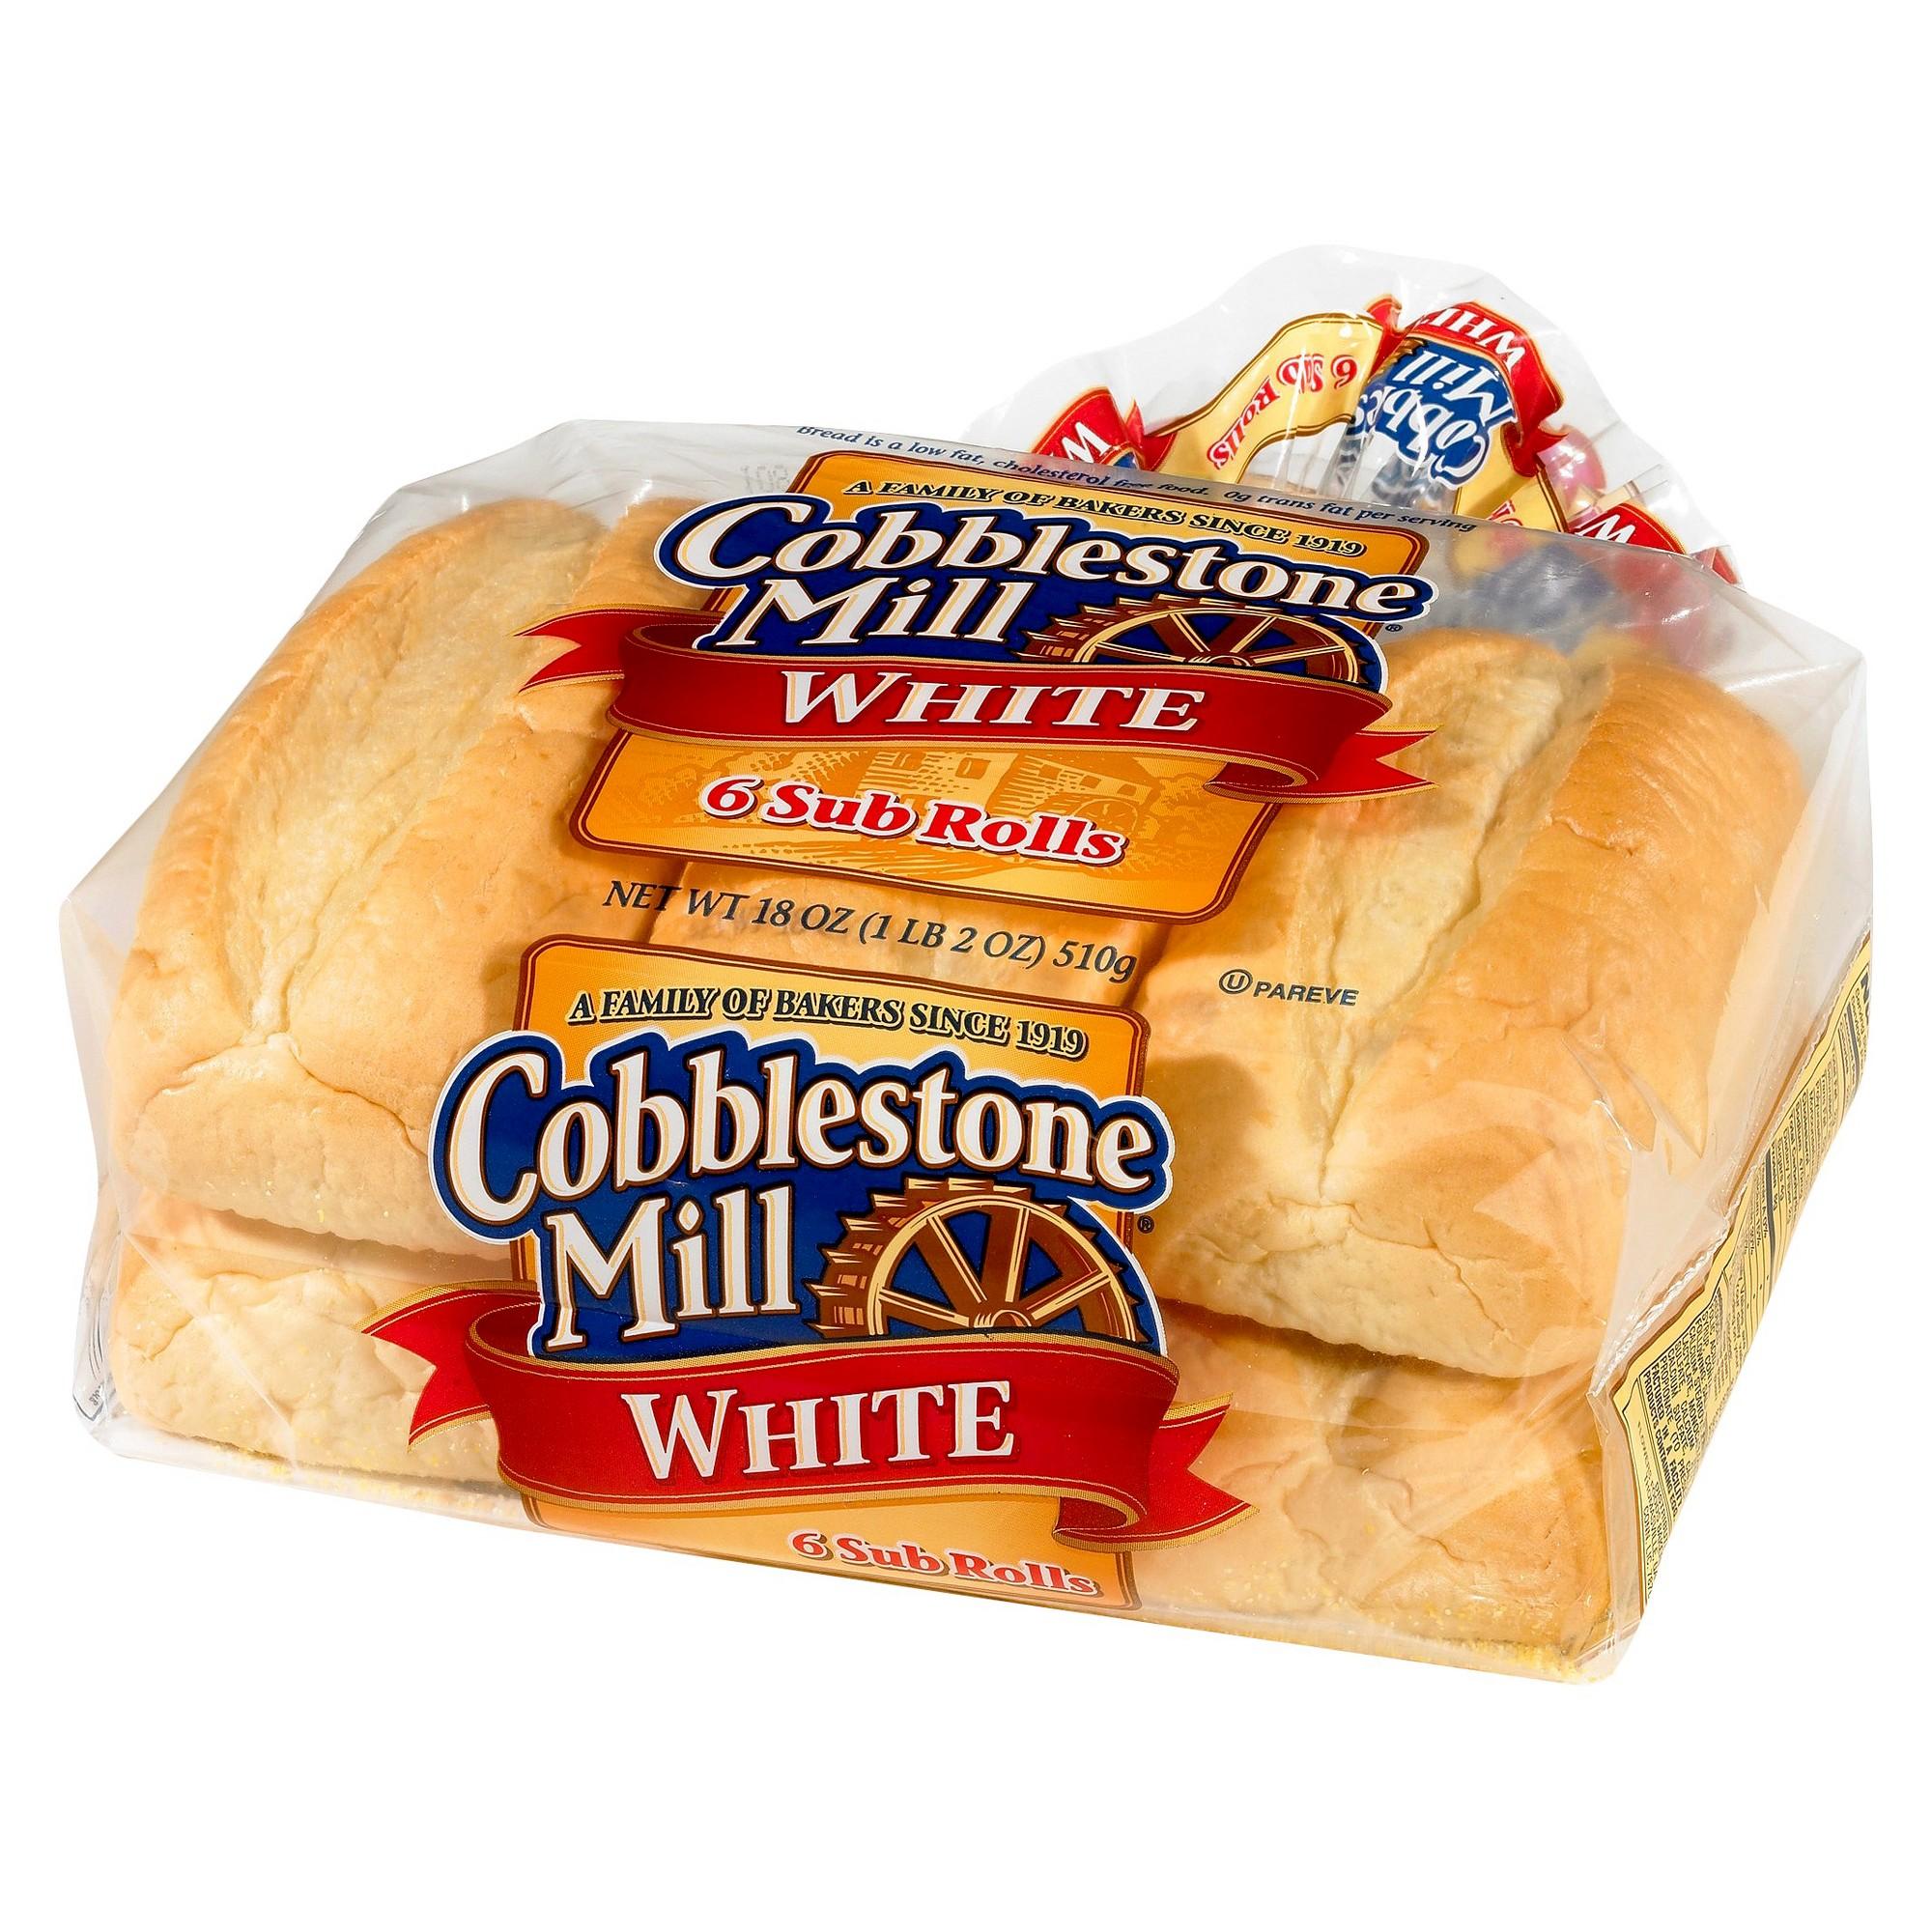 Cobblestone Mill White Sub Rolls 6ct